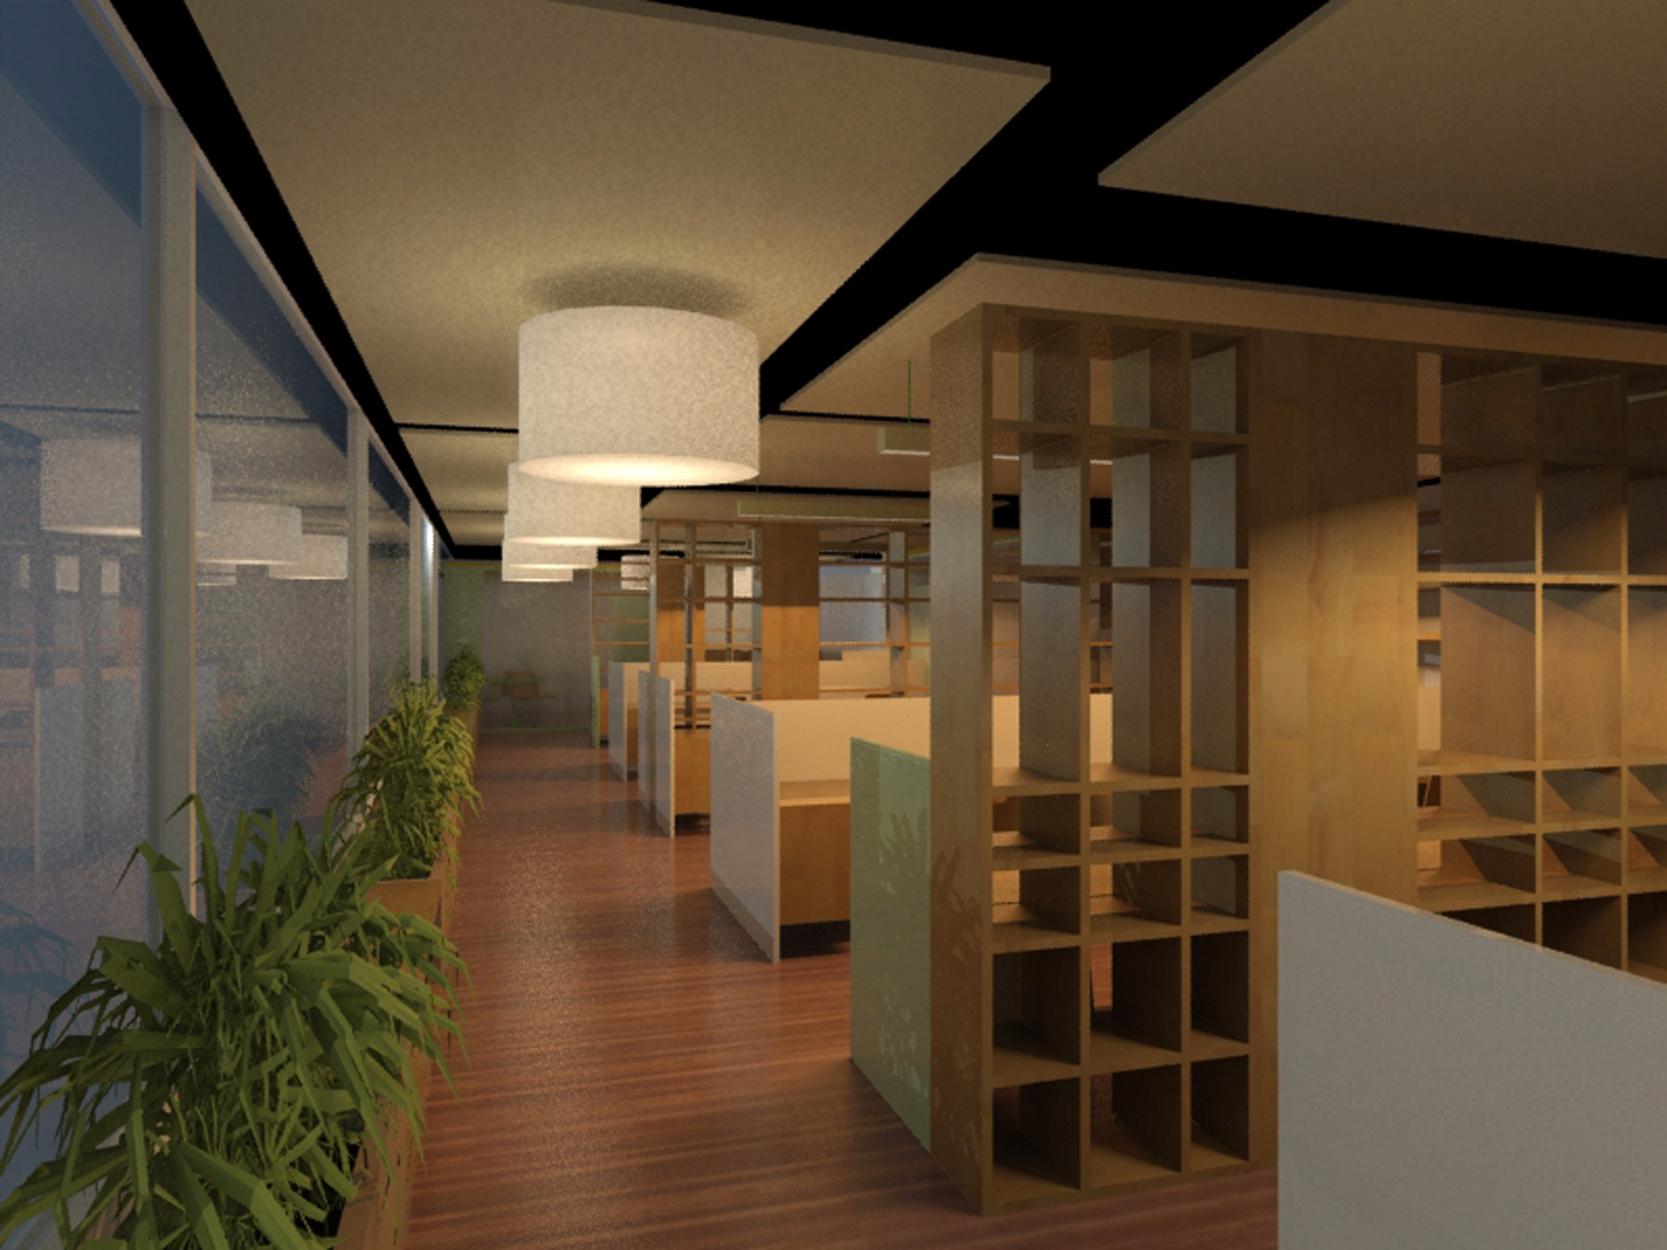 PROPUESTA OFICINAS HOTEL ARTS - Arquitectura Barcelona - Arquitecto Hotel Arts - Arquitecto Barcelona